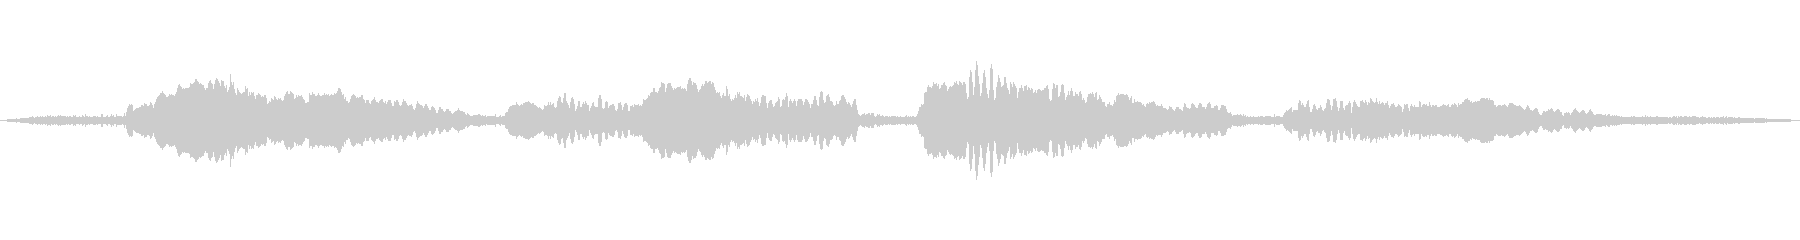 民族楽器と川の流れを融合させたBGMの未再生の波形